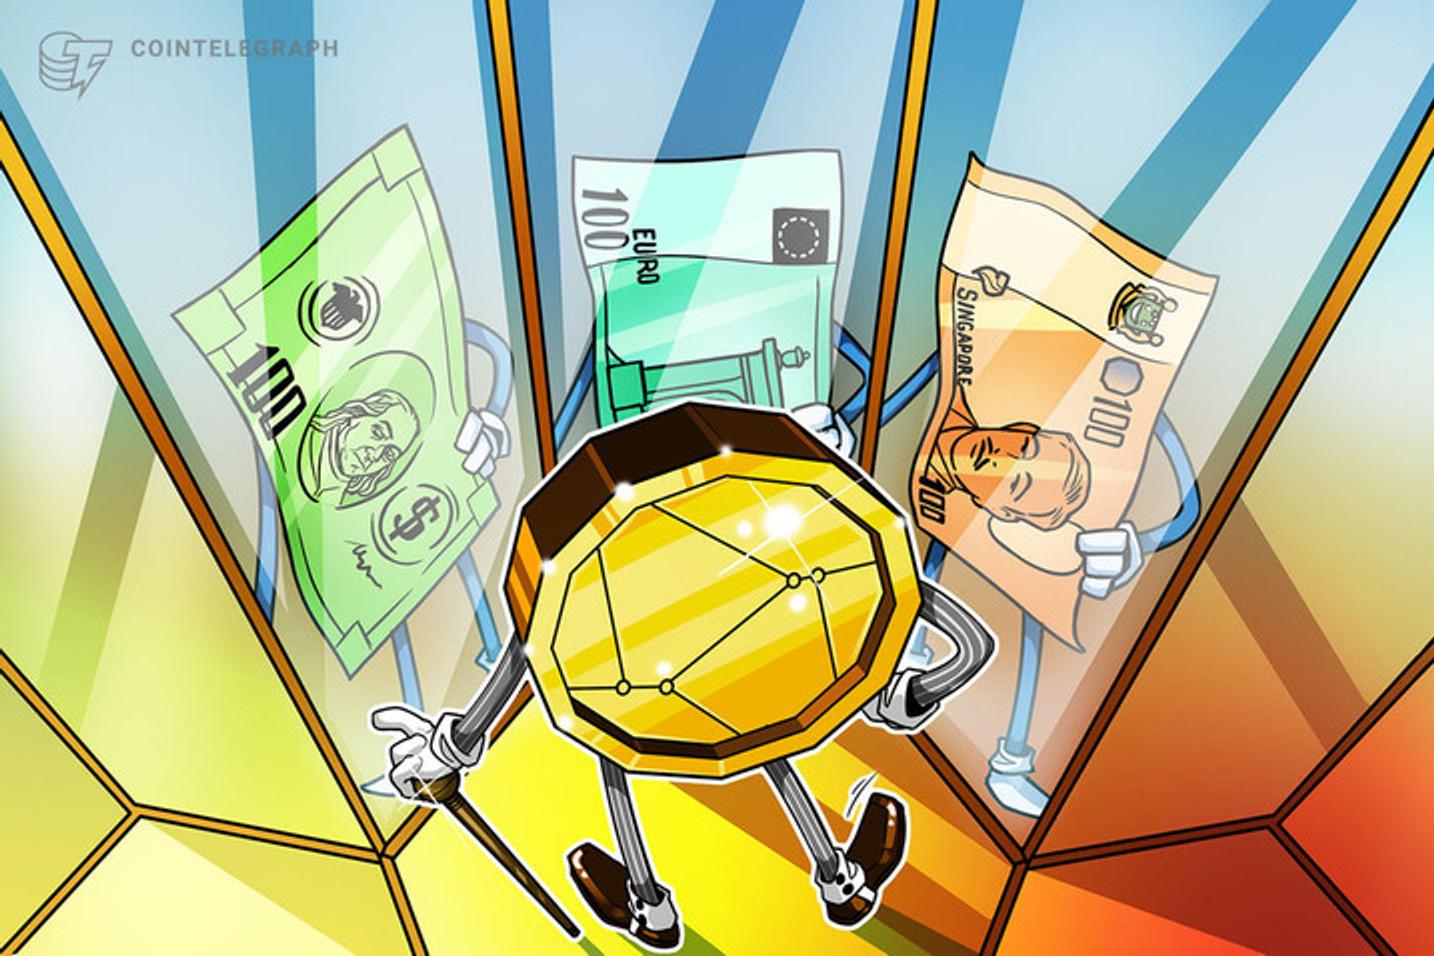 40.000 millones de dólares del tercer estímulo monetario en EE.UU. podrían destinarse a inversión y los encuestados prefieren invertir en Bitcoin